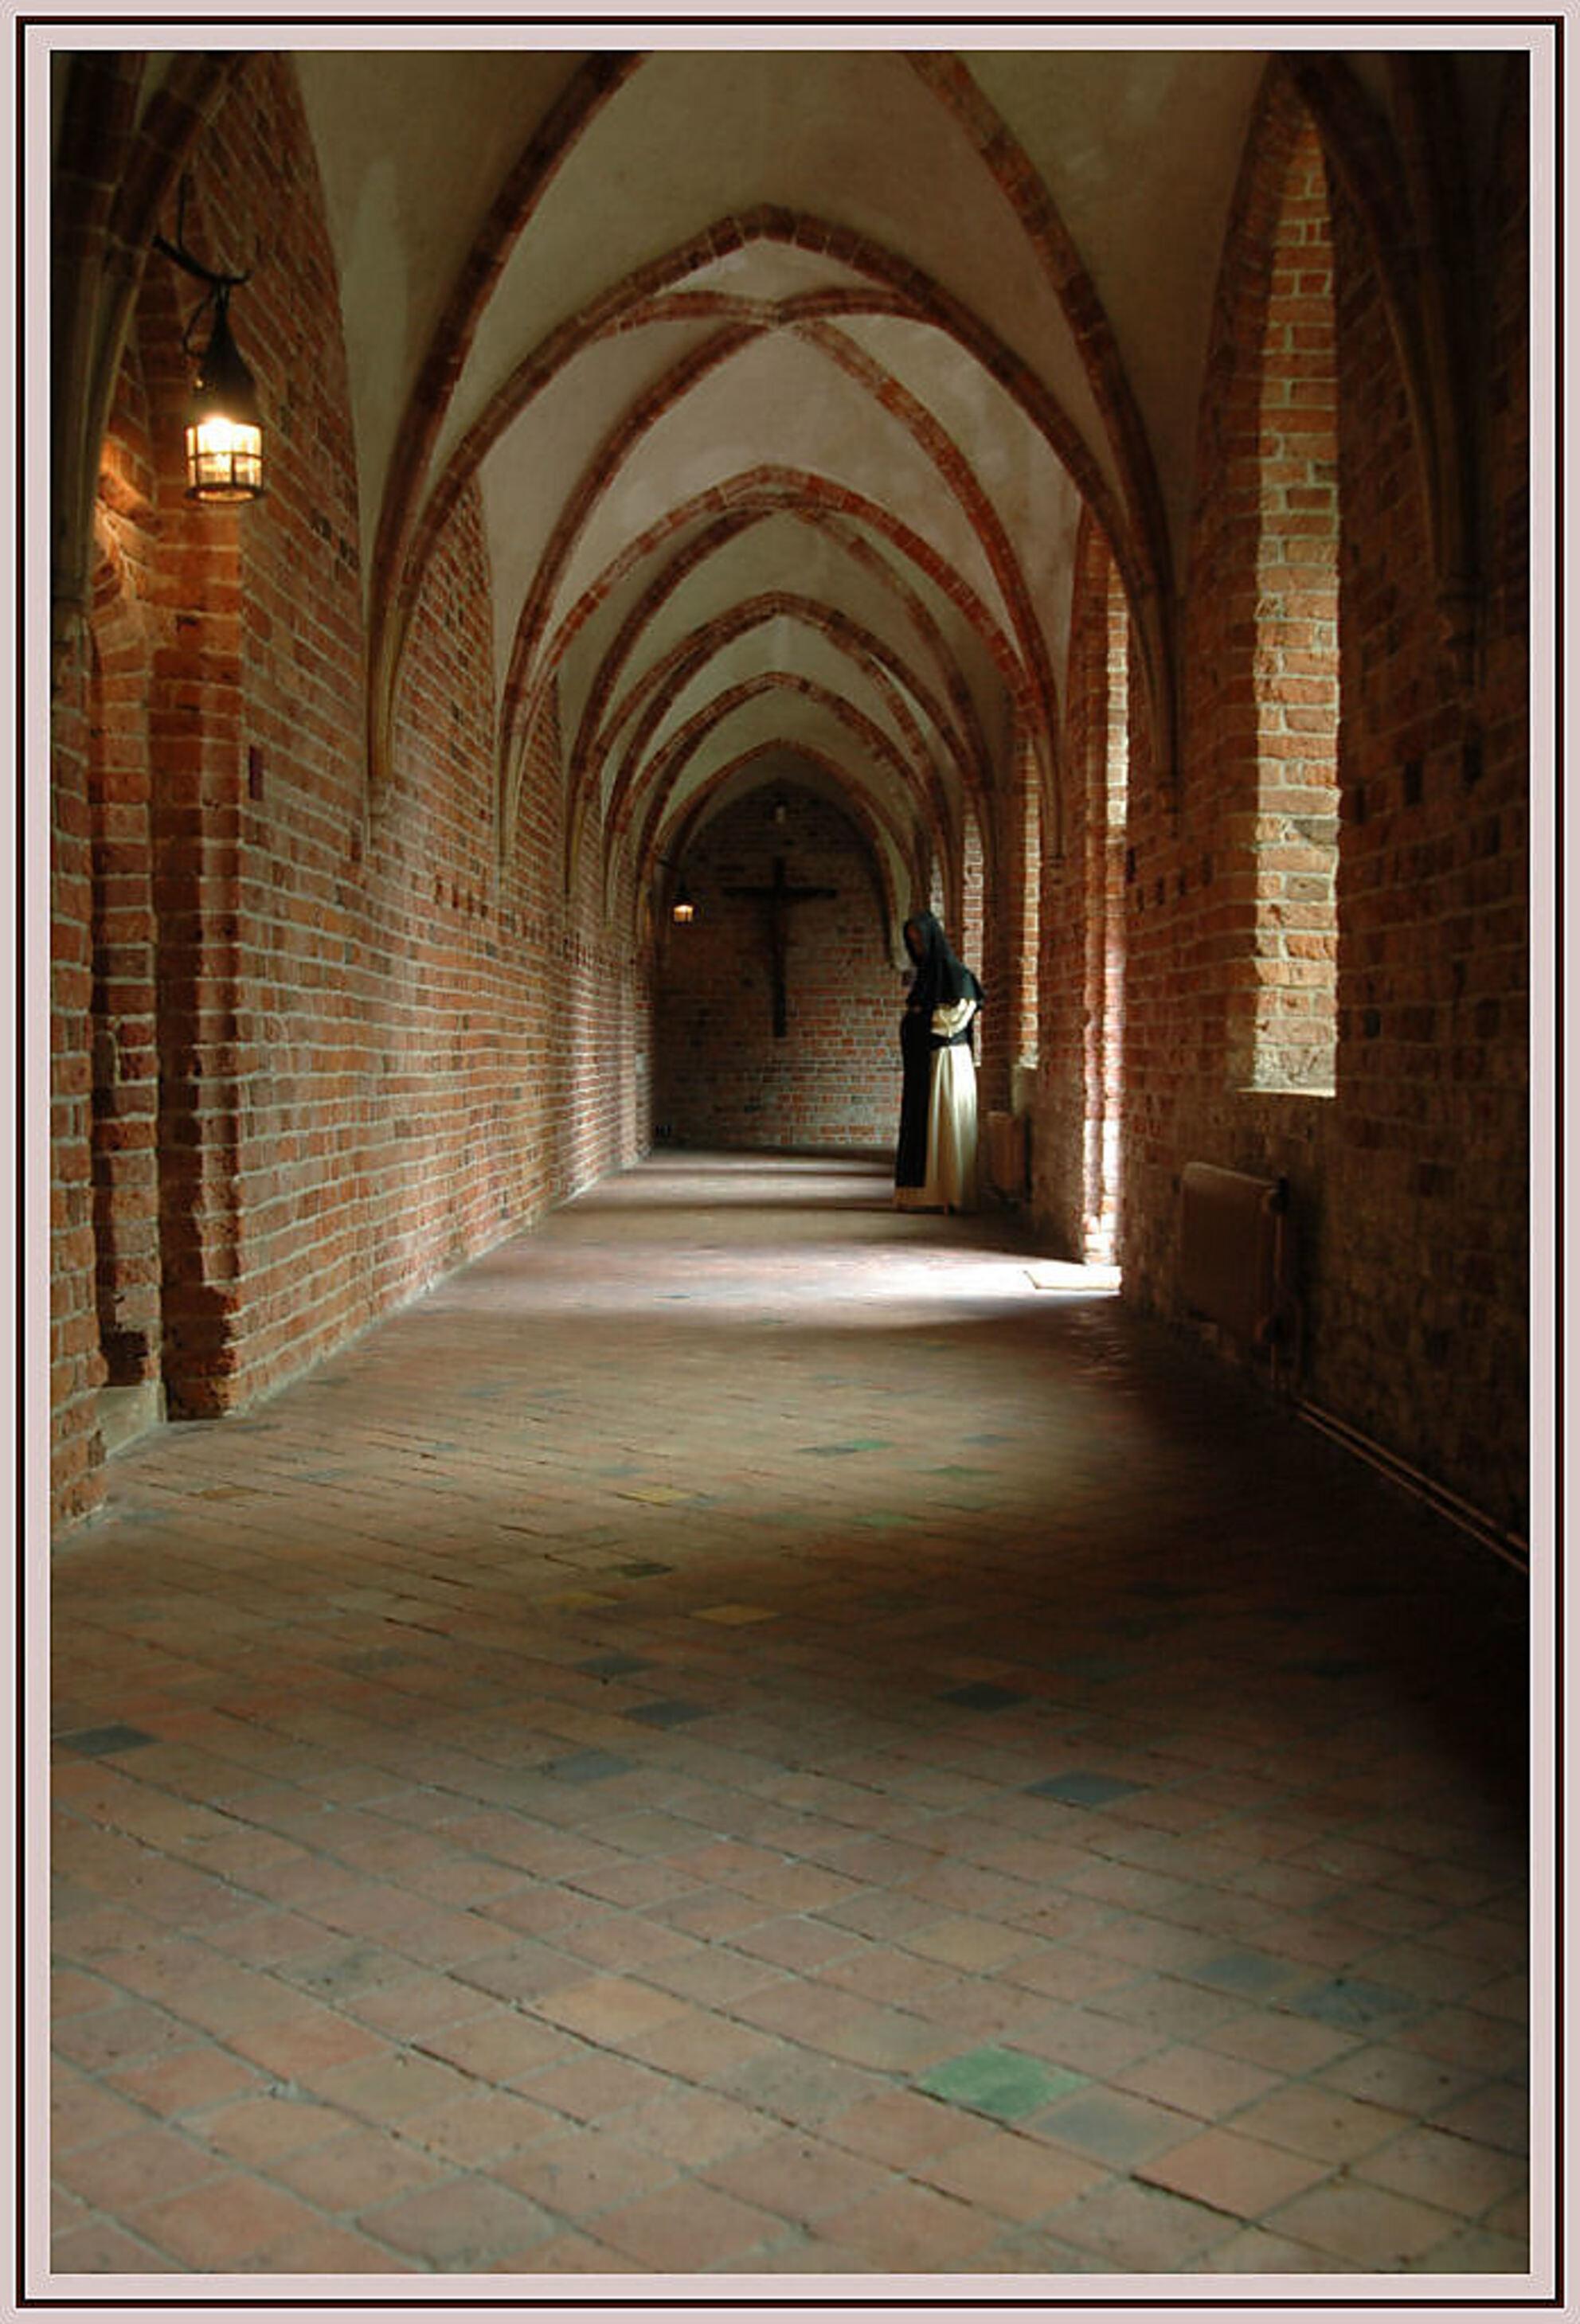 Het klooster in Ter Apel - Ik ben gistermiddag maar weer eens in het klooster geweest om de gangen en de lichtinvallen te fotograferen, het viel mij enigszins tegen om daar een - foto door Thomas_zoom op 26-04-2007 - deze foto bevat: klooster, ter, apel